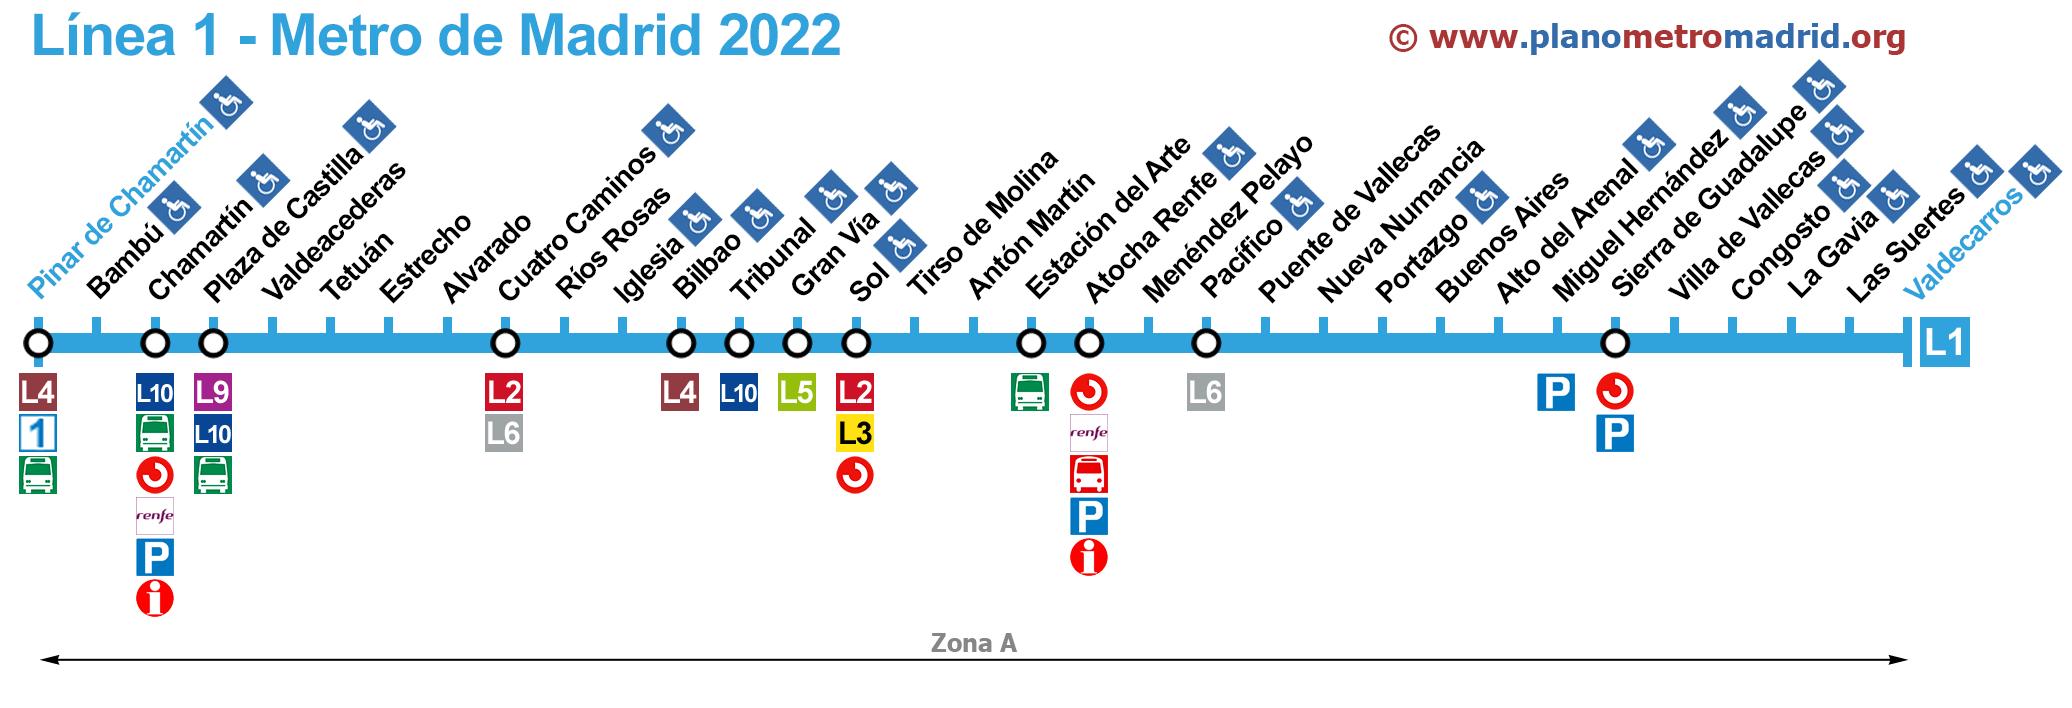 Mapa Del Metro De Madrid Linea 1.Linea 1 Del Metro De Madrid L1 Actualizado 2019